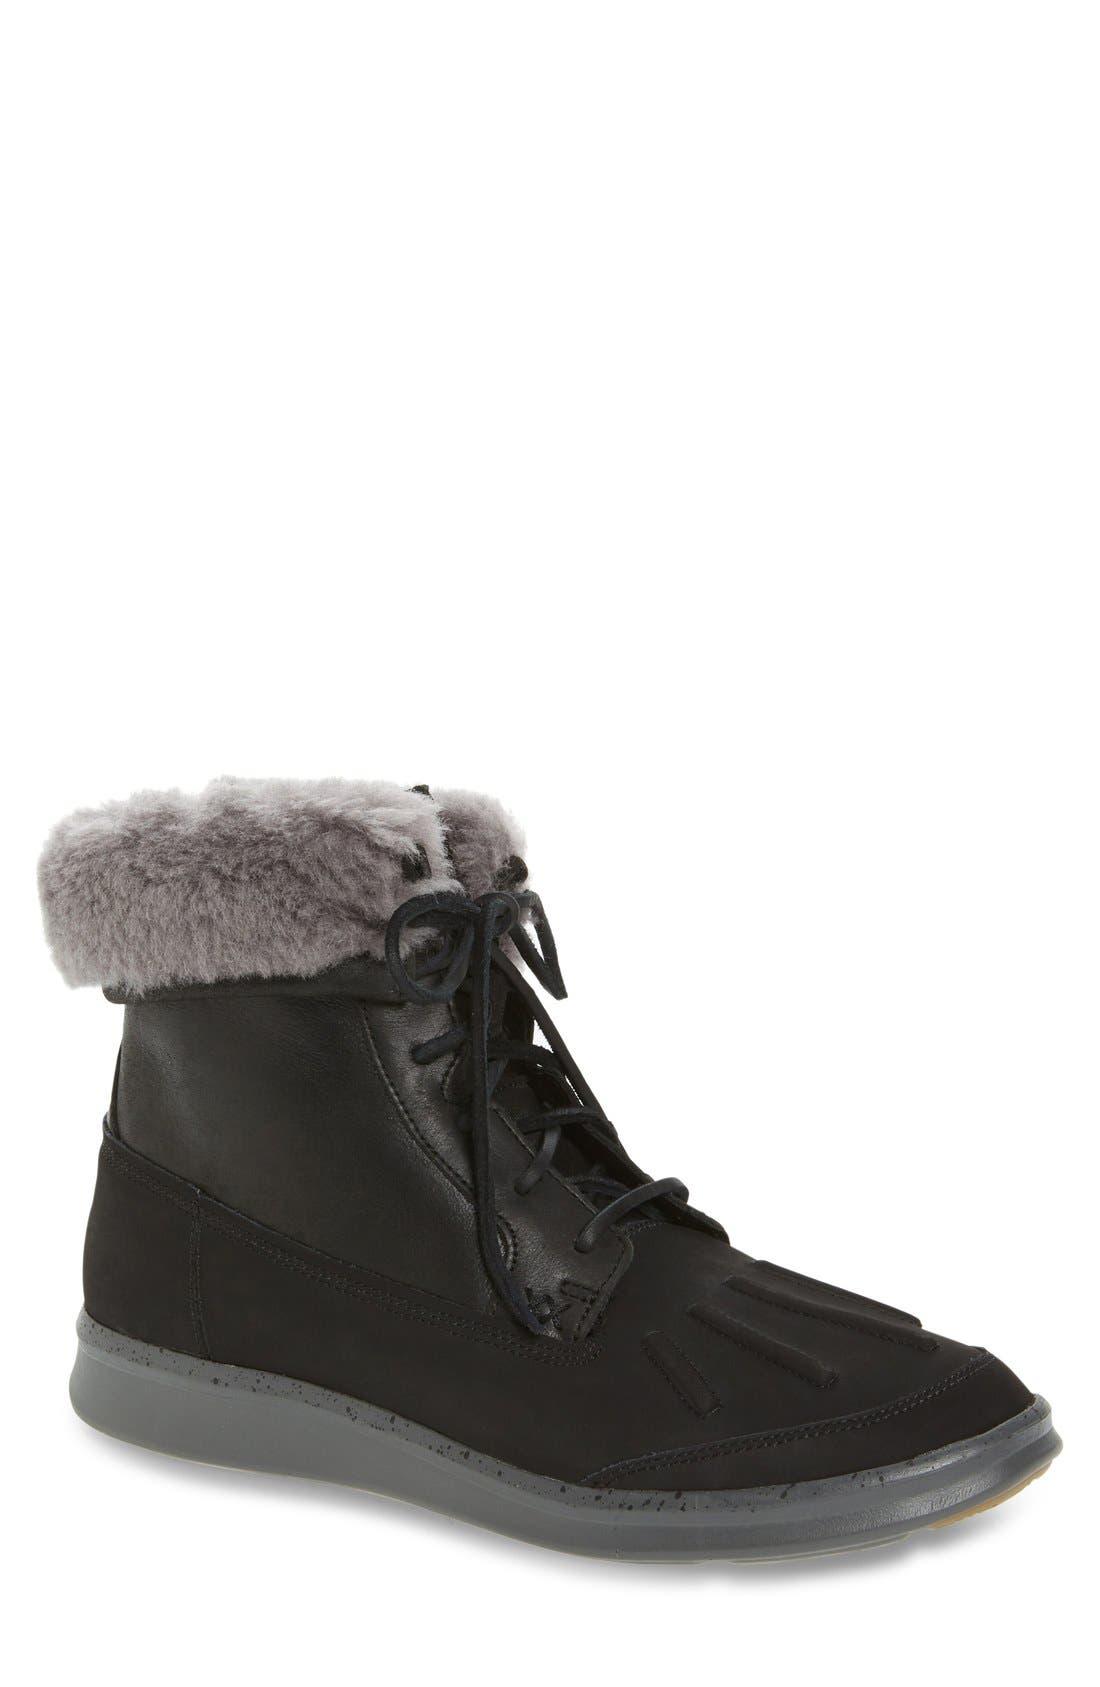 Roskoe Snow Boot,                             Main thumbnail 1, color,                             Black